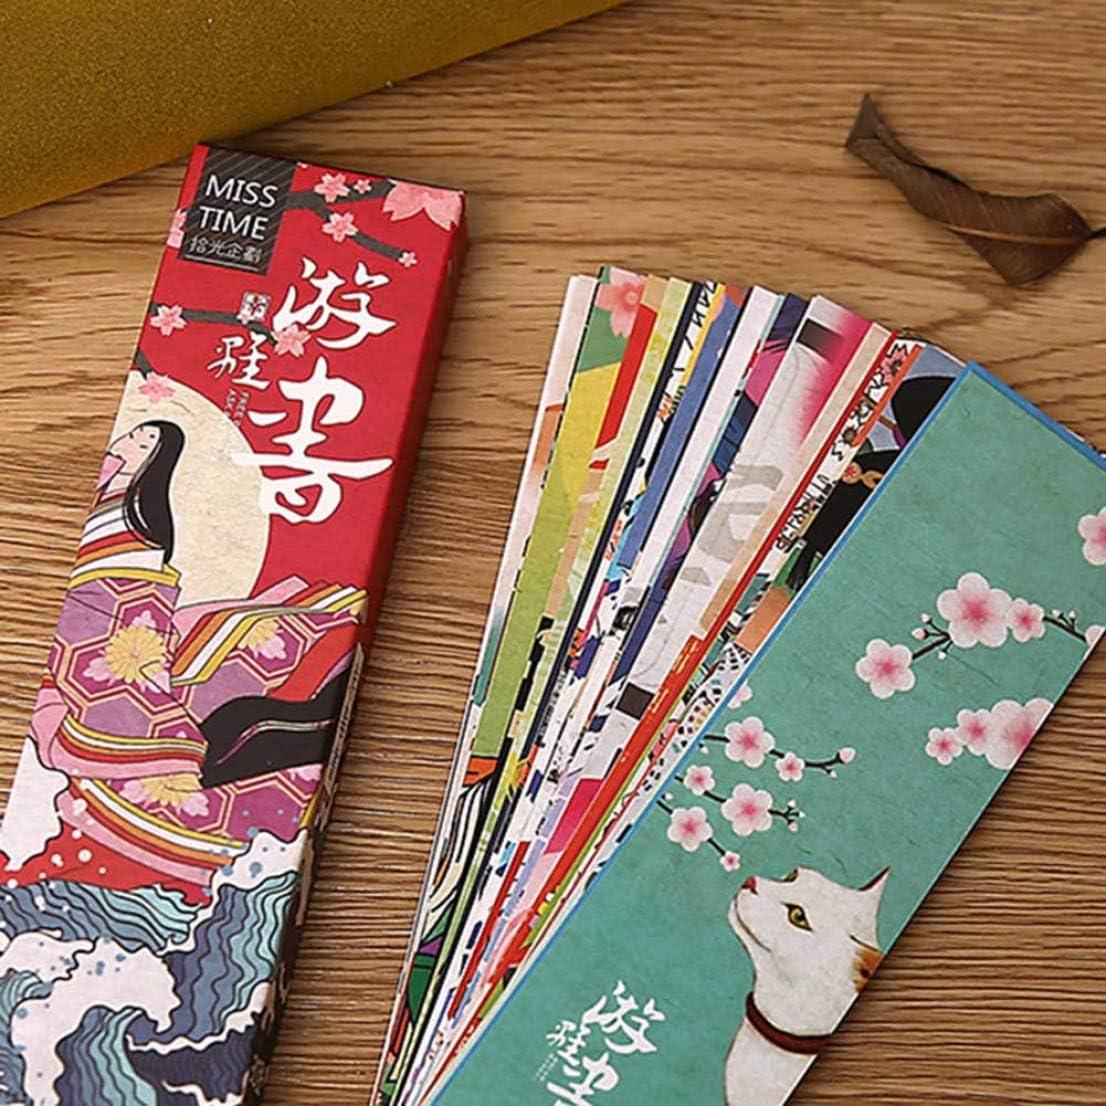 XINGSd Buen aspecto 30 marcapáginas de papel vintage japonés estilo vintage para niños, estudiantes, libros, clip para escuela, oficina, regalo en estilo fino, color ninguno de la imagen